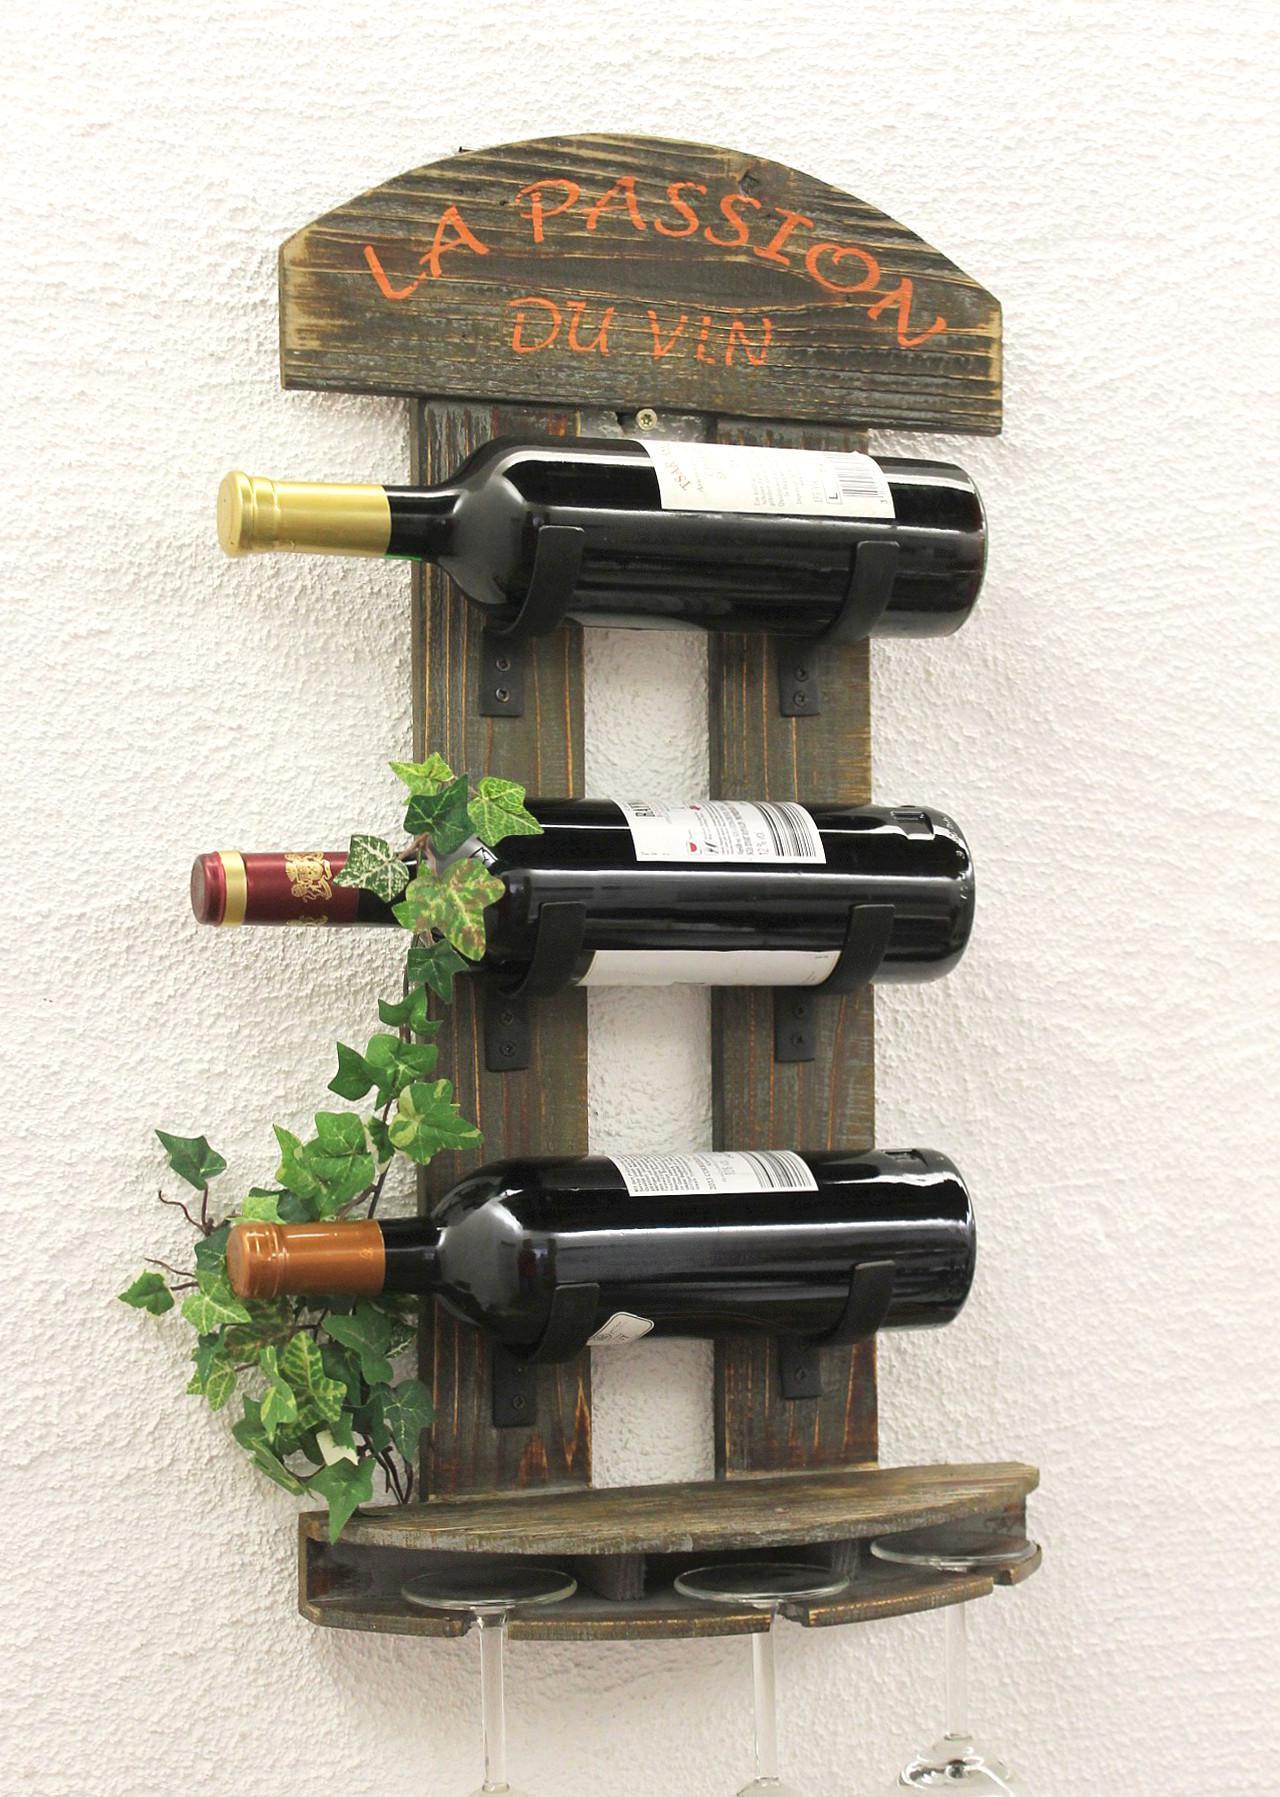 Wine Accessories Weinregal Flaschenstander 12977 83 Cm Metall Holz Flaschenhalter Regal Bar Wein Home Furniture Diy Coffinsbaron Co Za